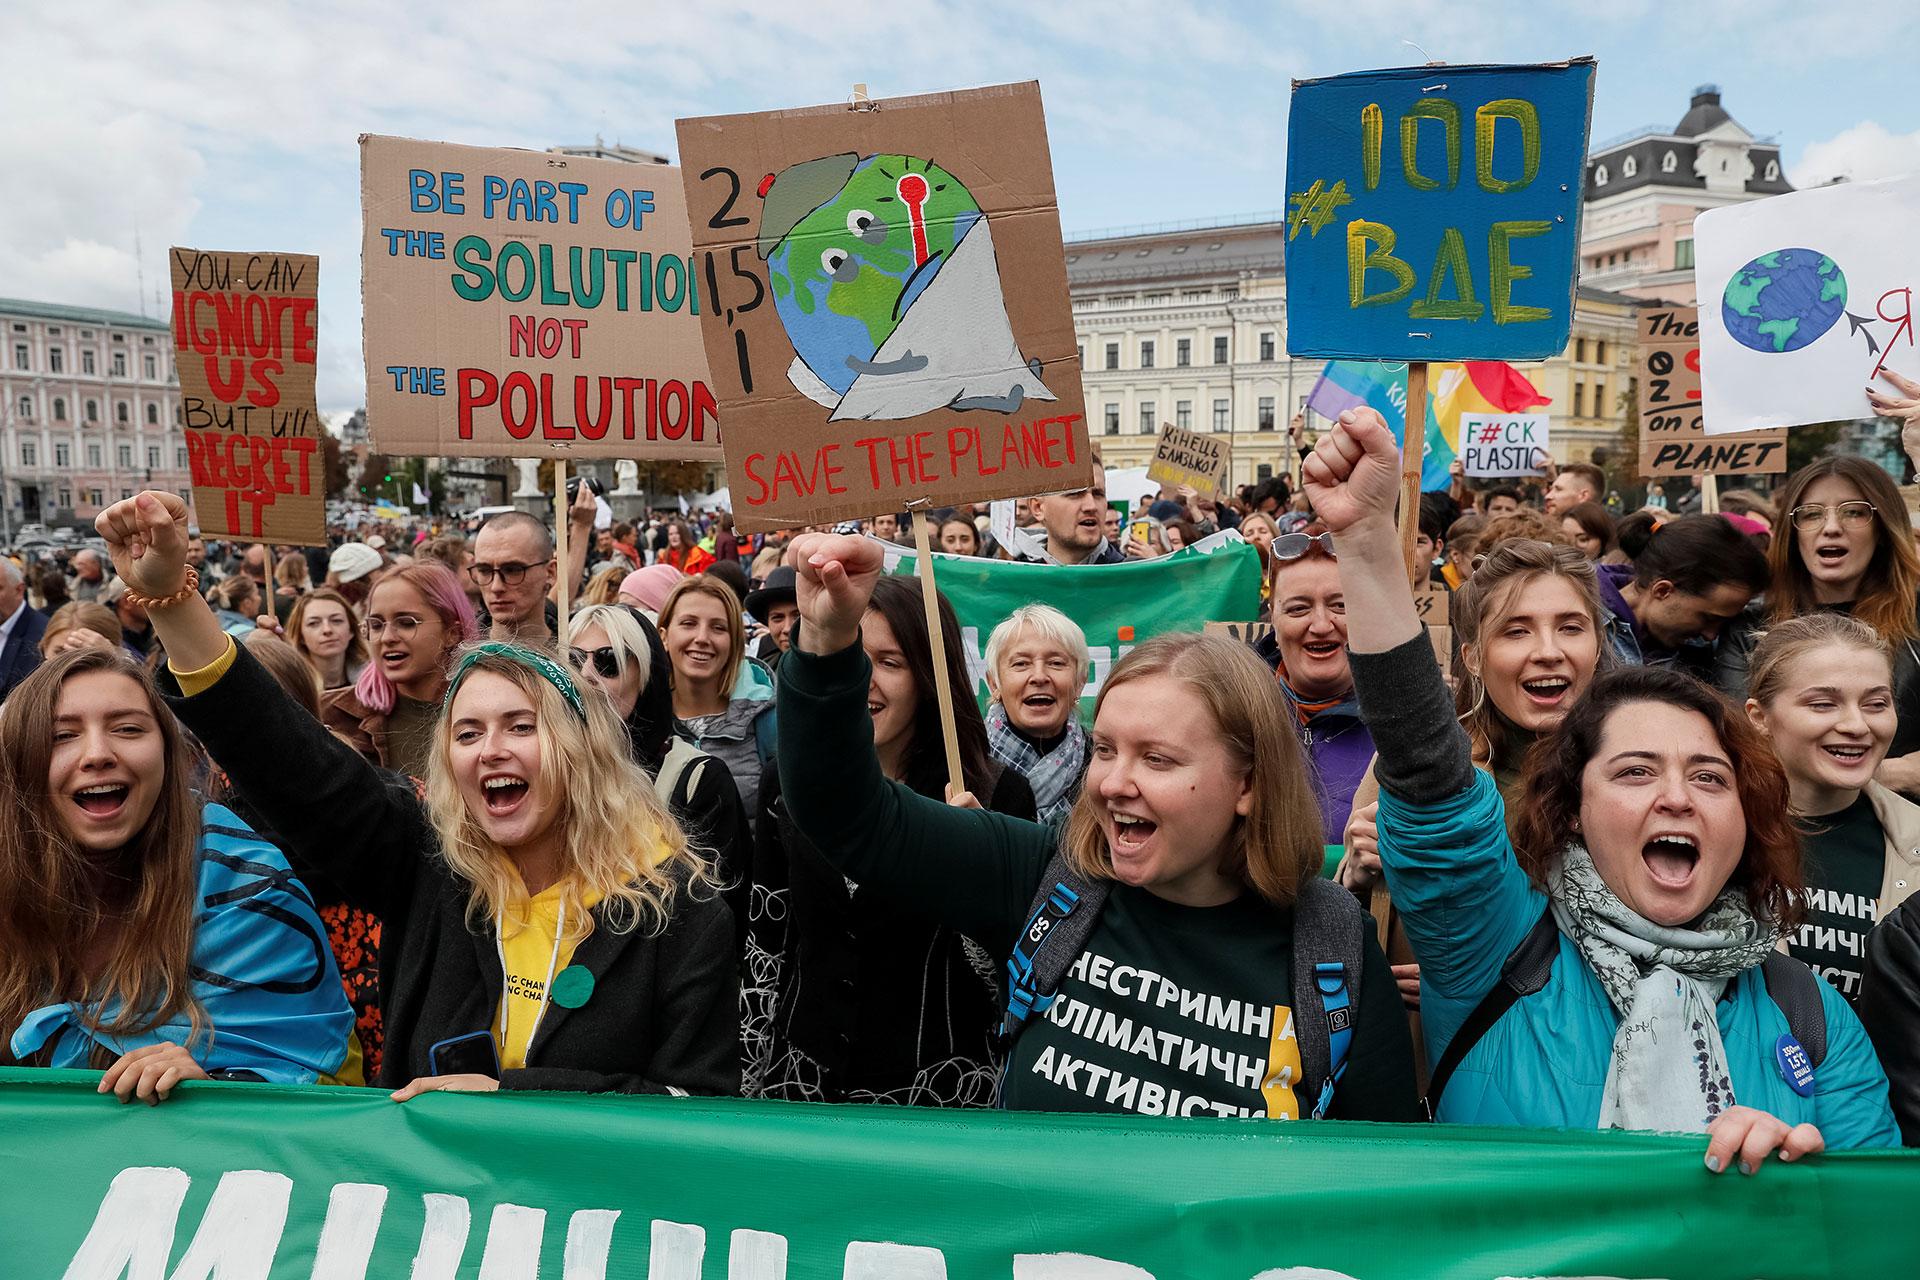 Activistas ucranianos exigen acciones contra el cambio climático, uniéndose a protestas similares a nivel mundial (REUTERS/Gleb Garanich)